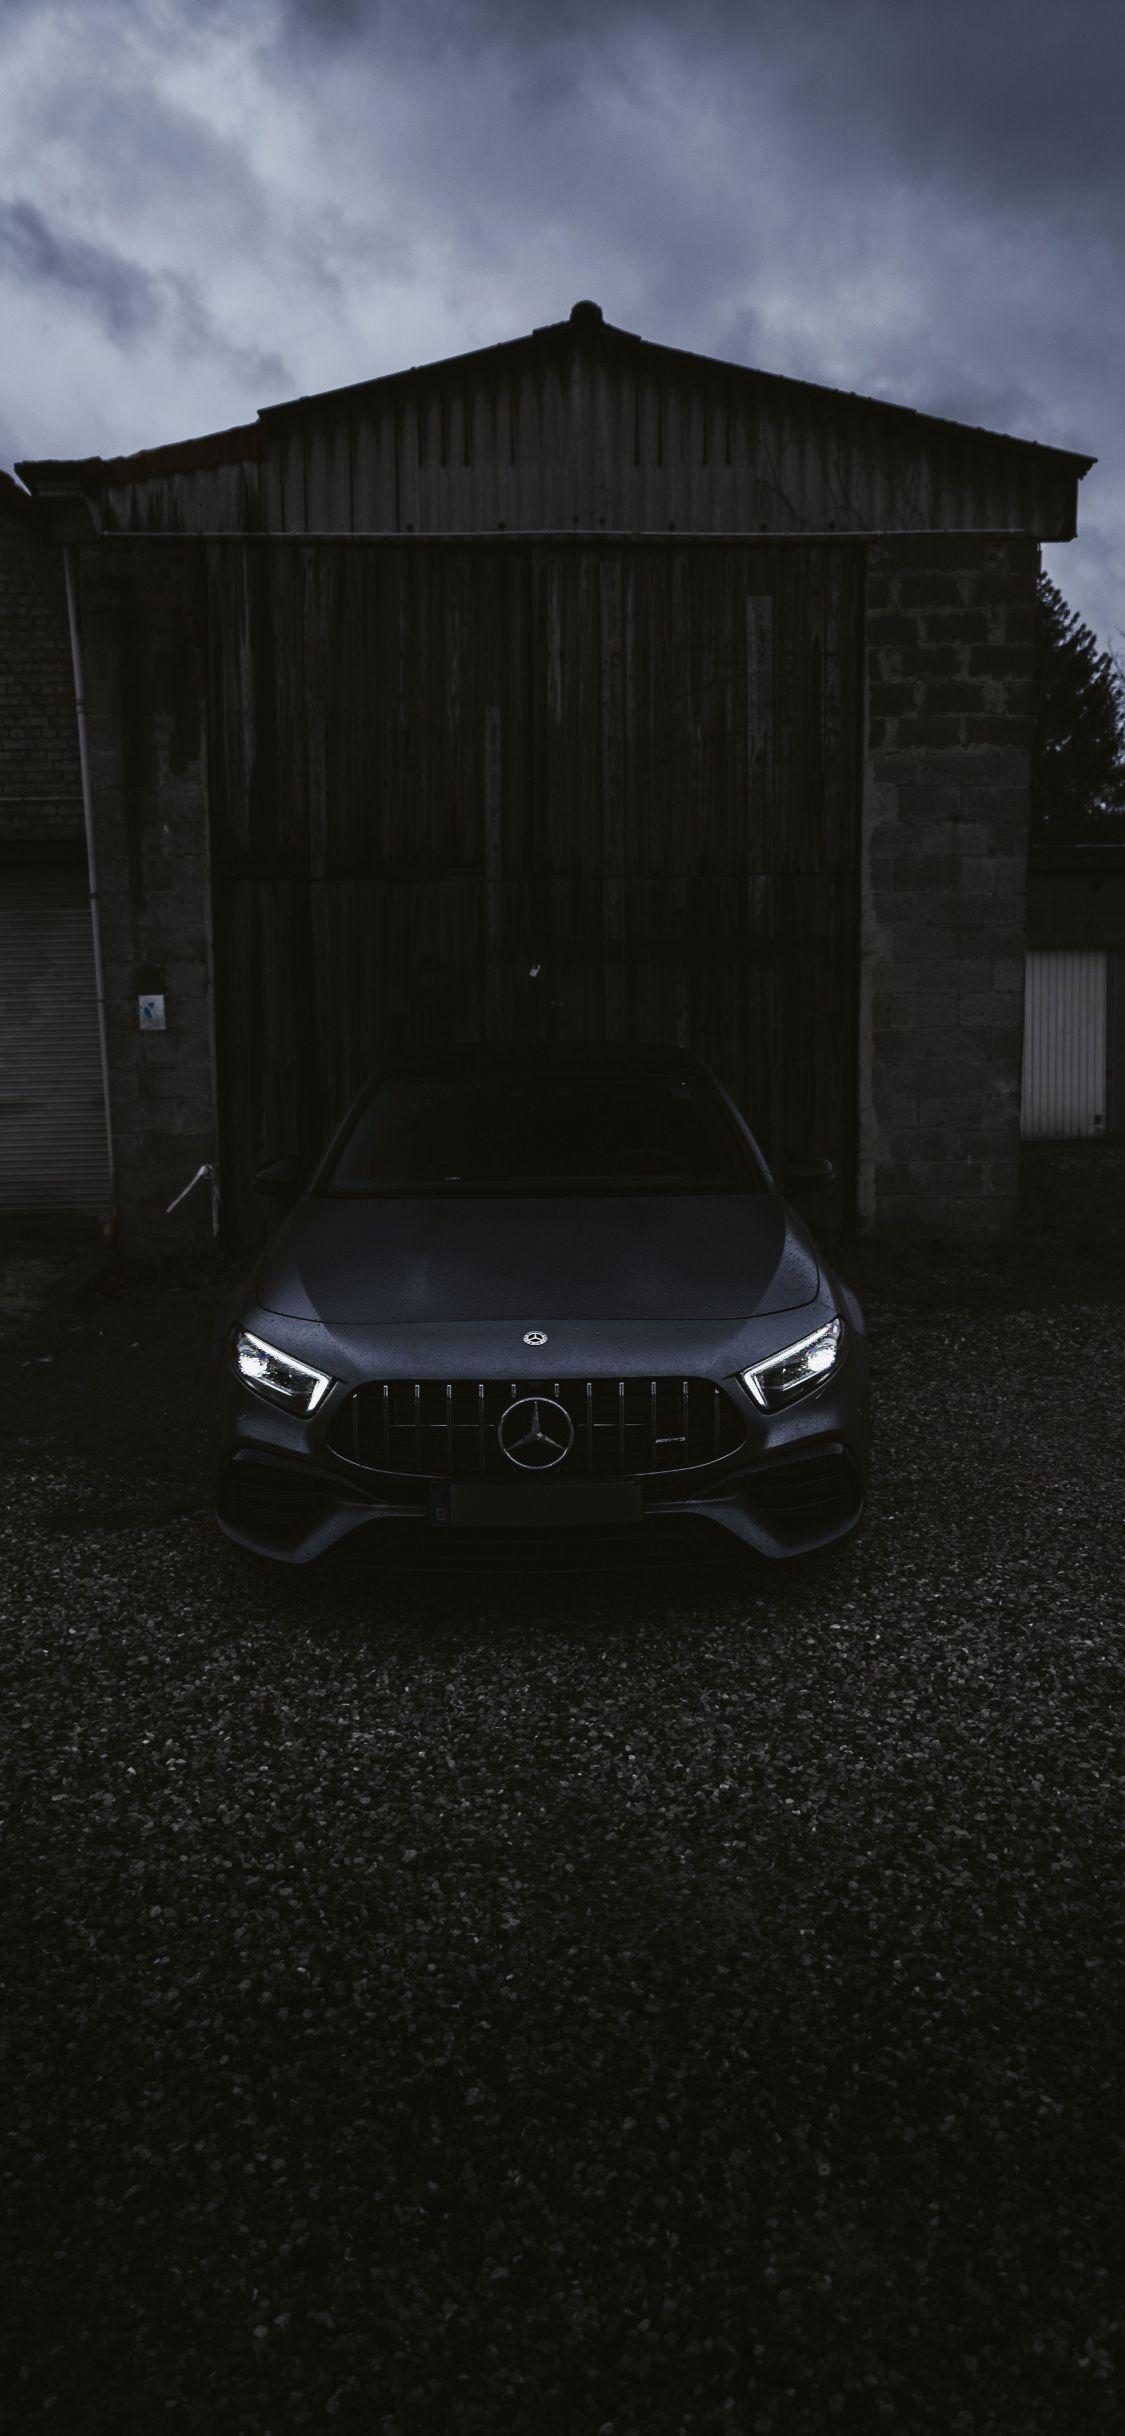 1125x2436 Black Car Mercedes Benz Wallpaper In 2020 Mercedes Benz Wallpaper Car Black Car